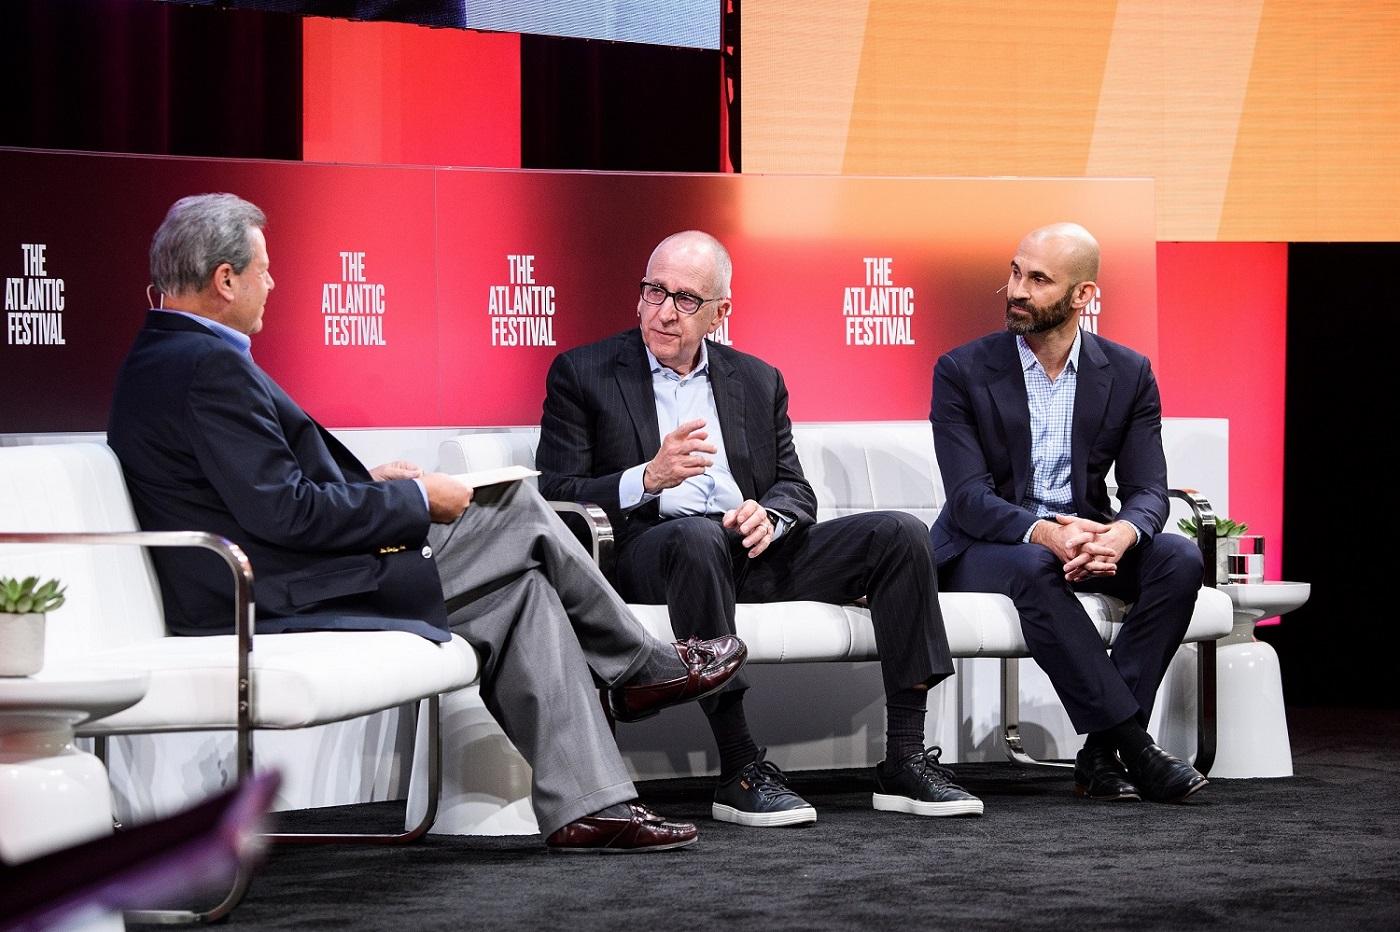 Bill Sternberg interviews David J. Skorton, MD, and Philip Alberti, PhD, at the Atlantic Festival 2019.